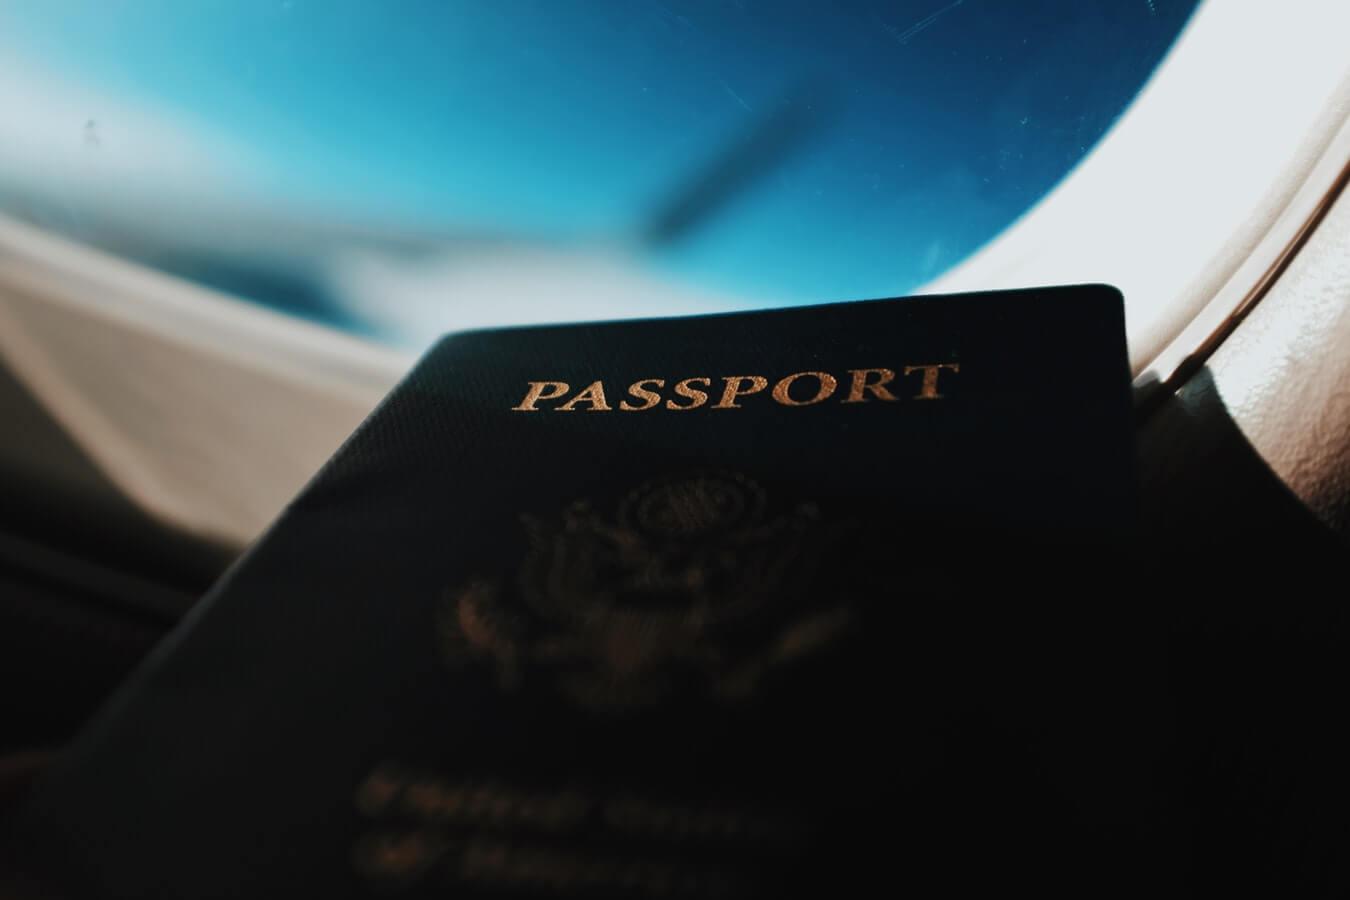 政府工︰入境事務助理員起薪 $20,690 投考攻略